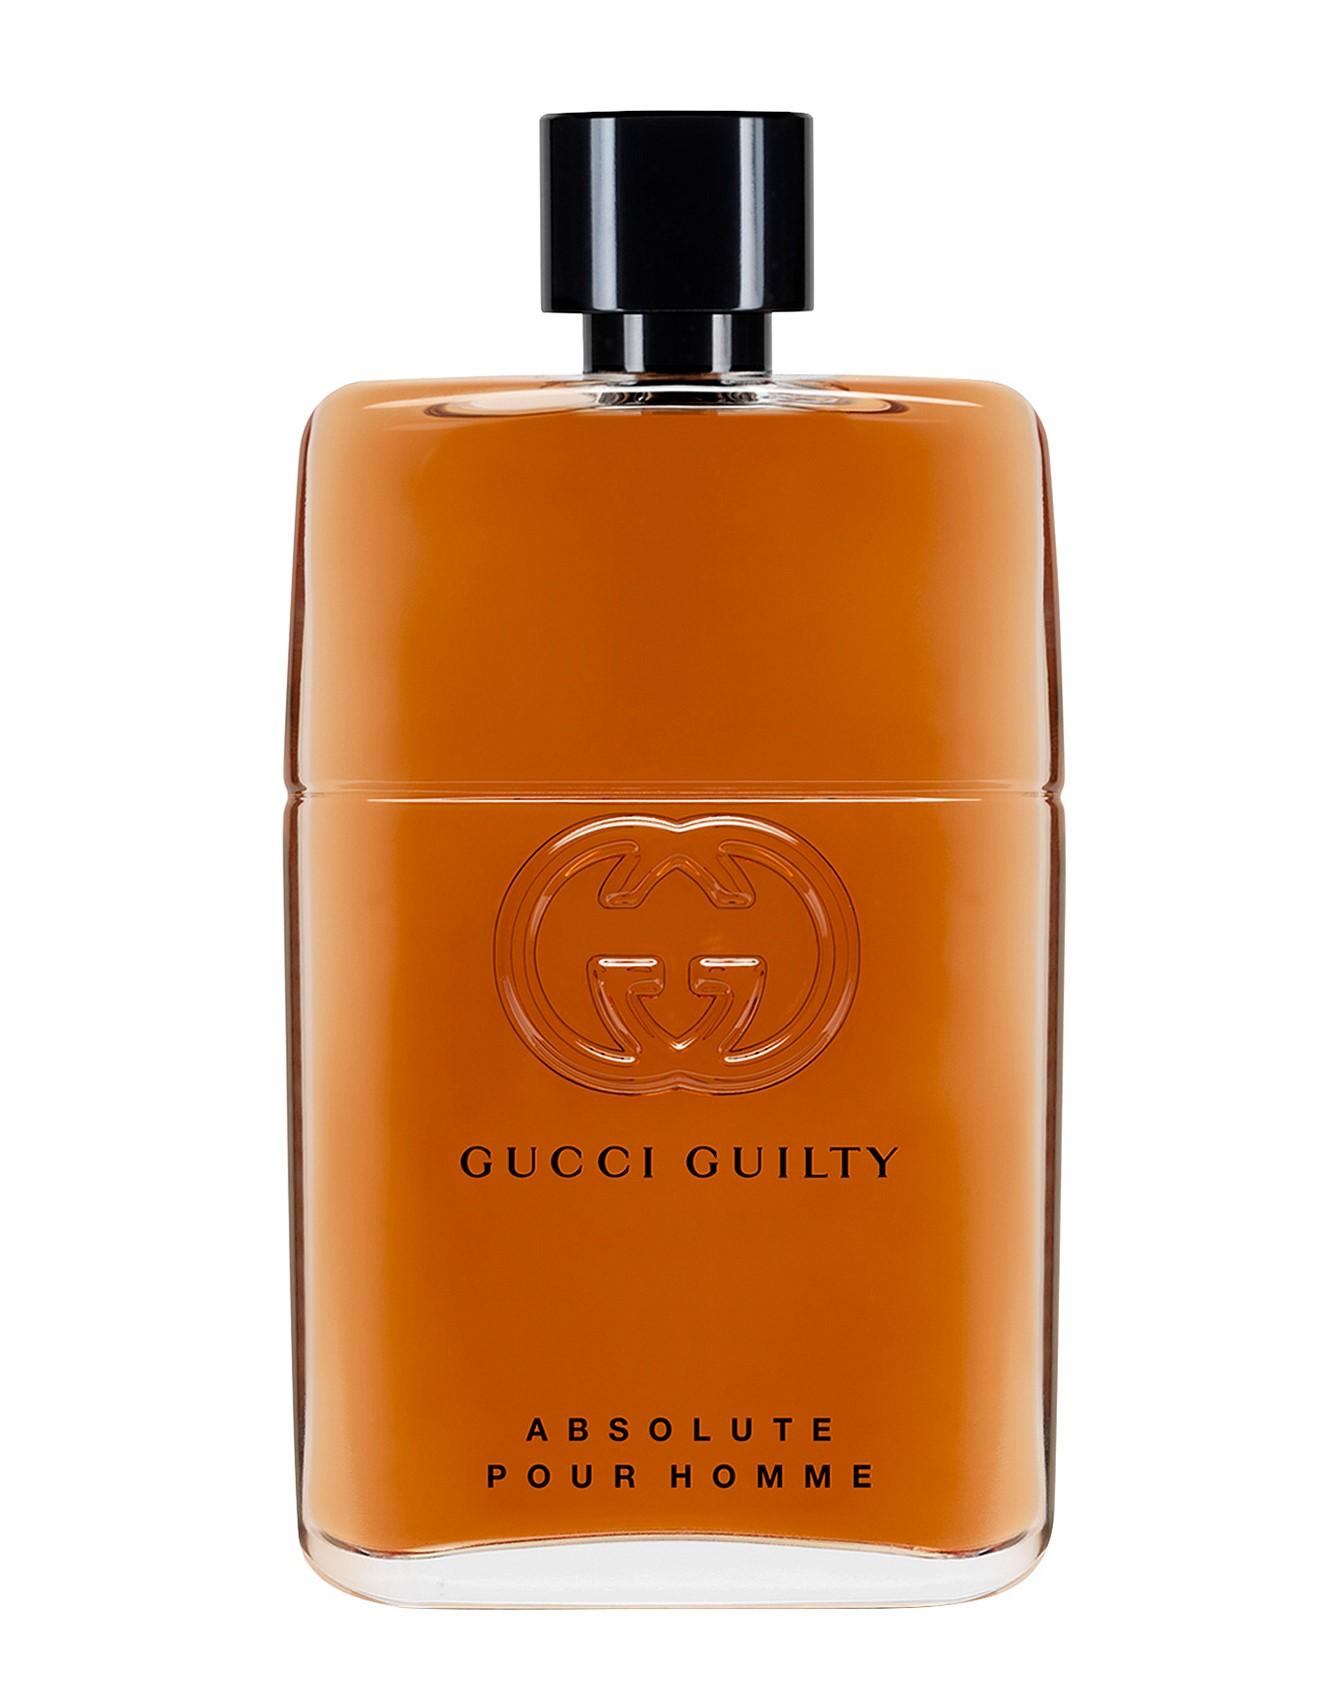 9c9711c979b Makeup, Perfume, Beauty, Skincare   Shop Online   David Jones - Gucci  Guilty Pour Homme Absolute 90ml Edp